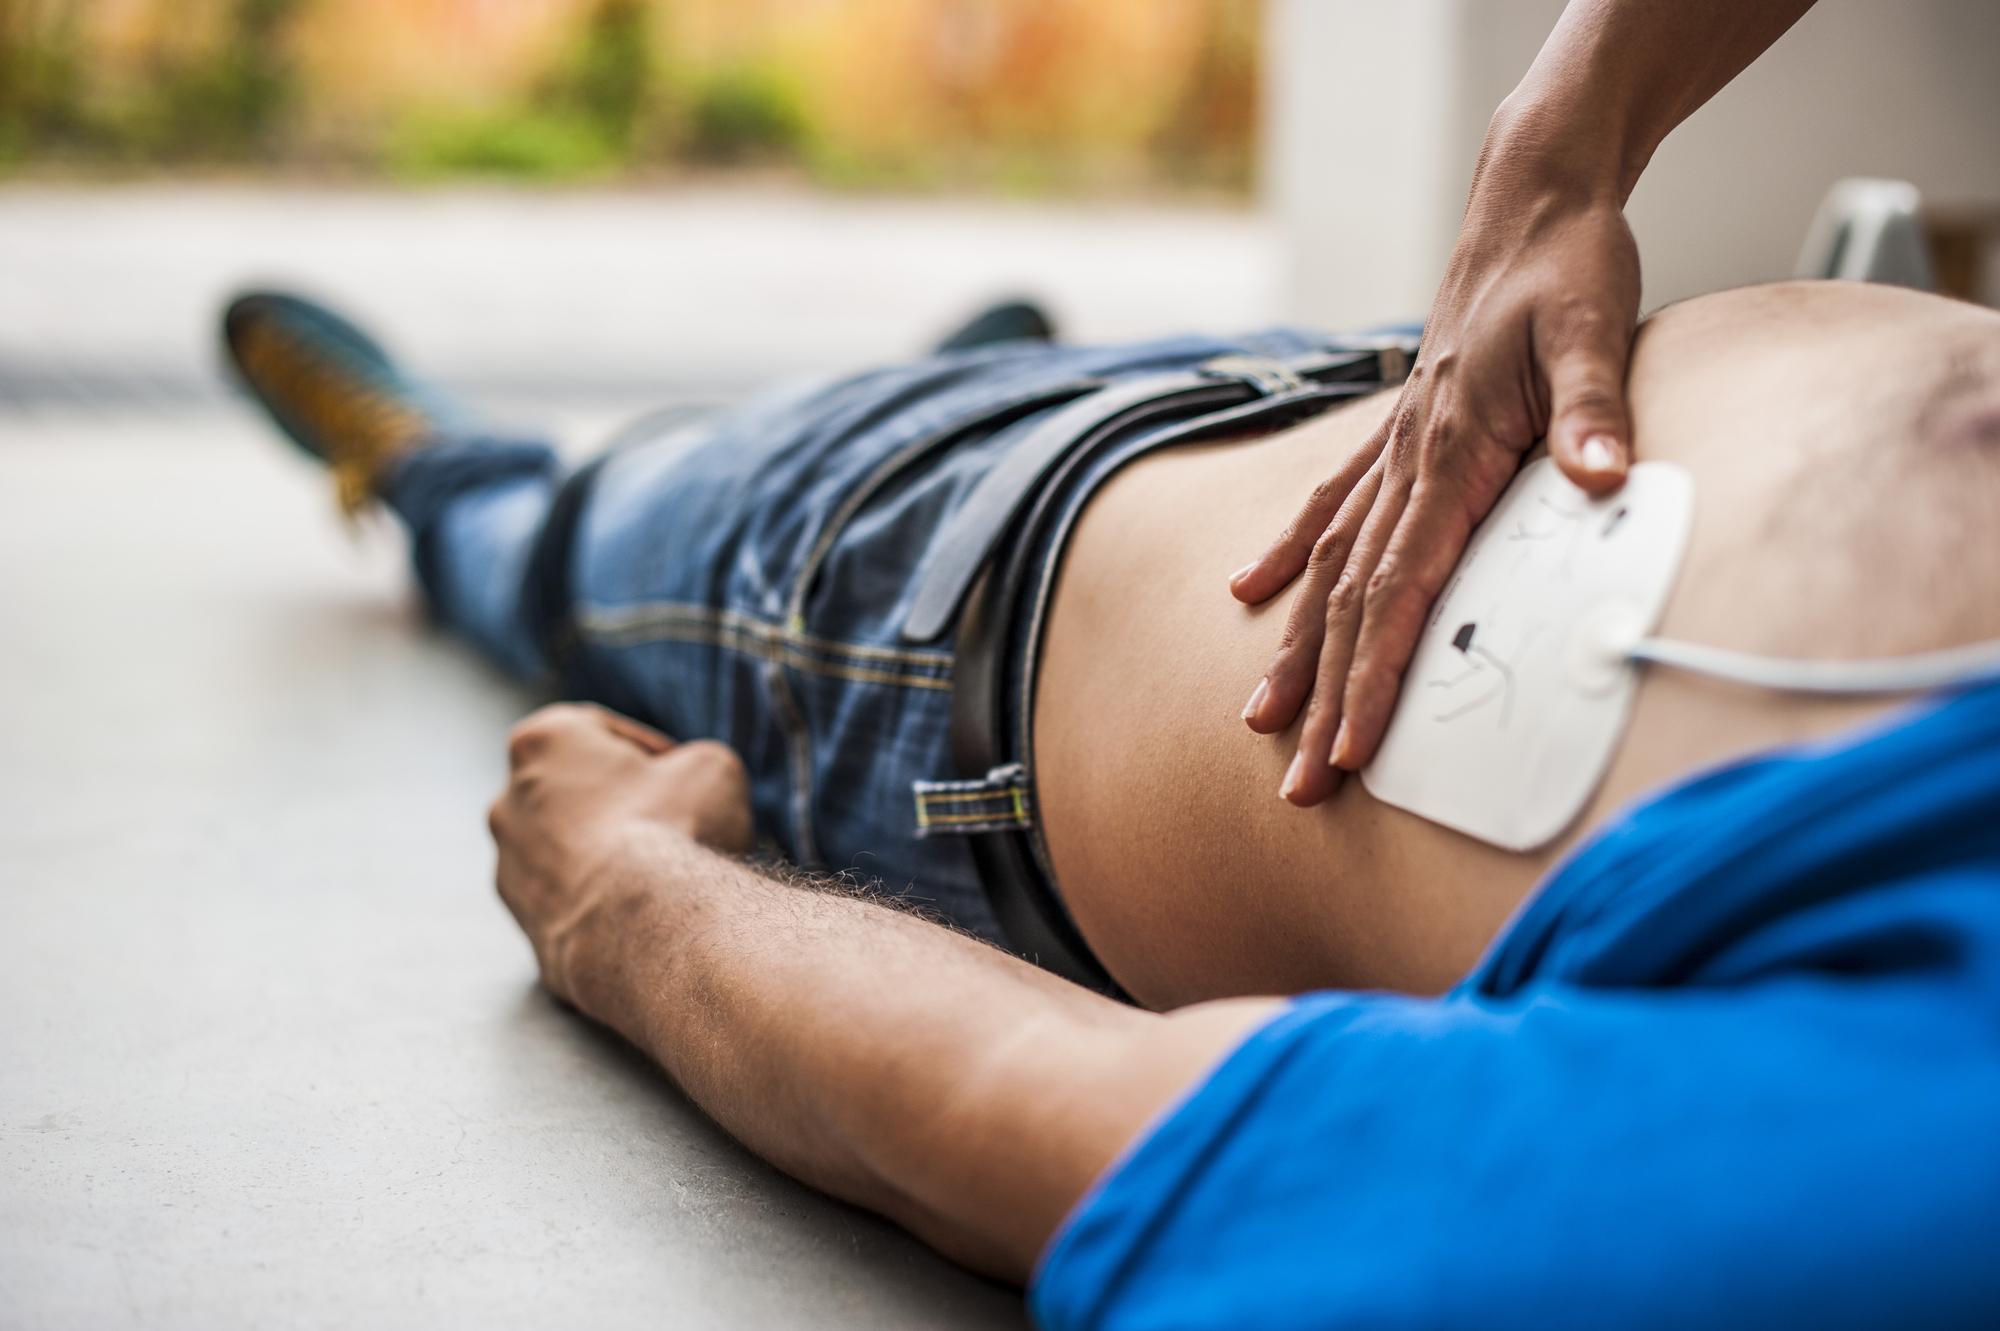 Public AED - Defibrillator